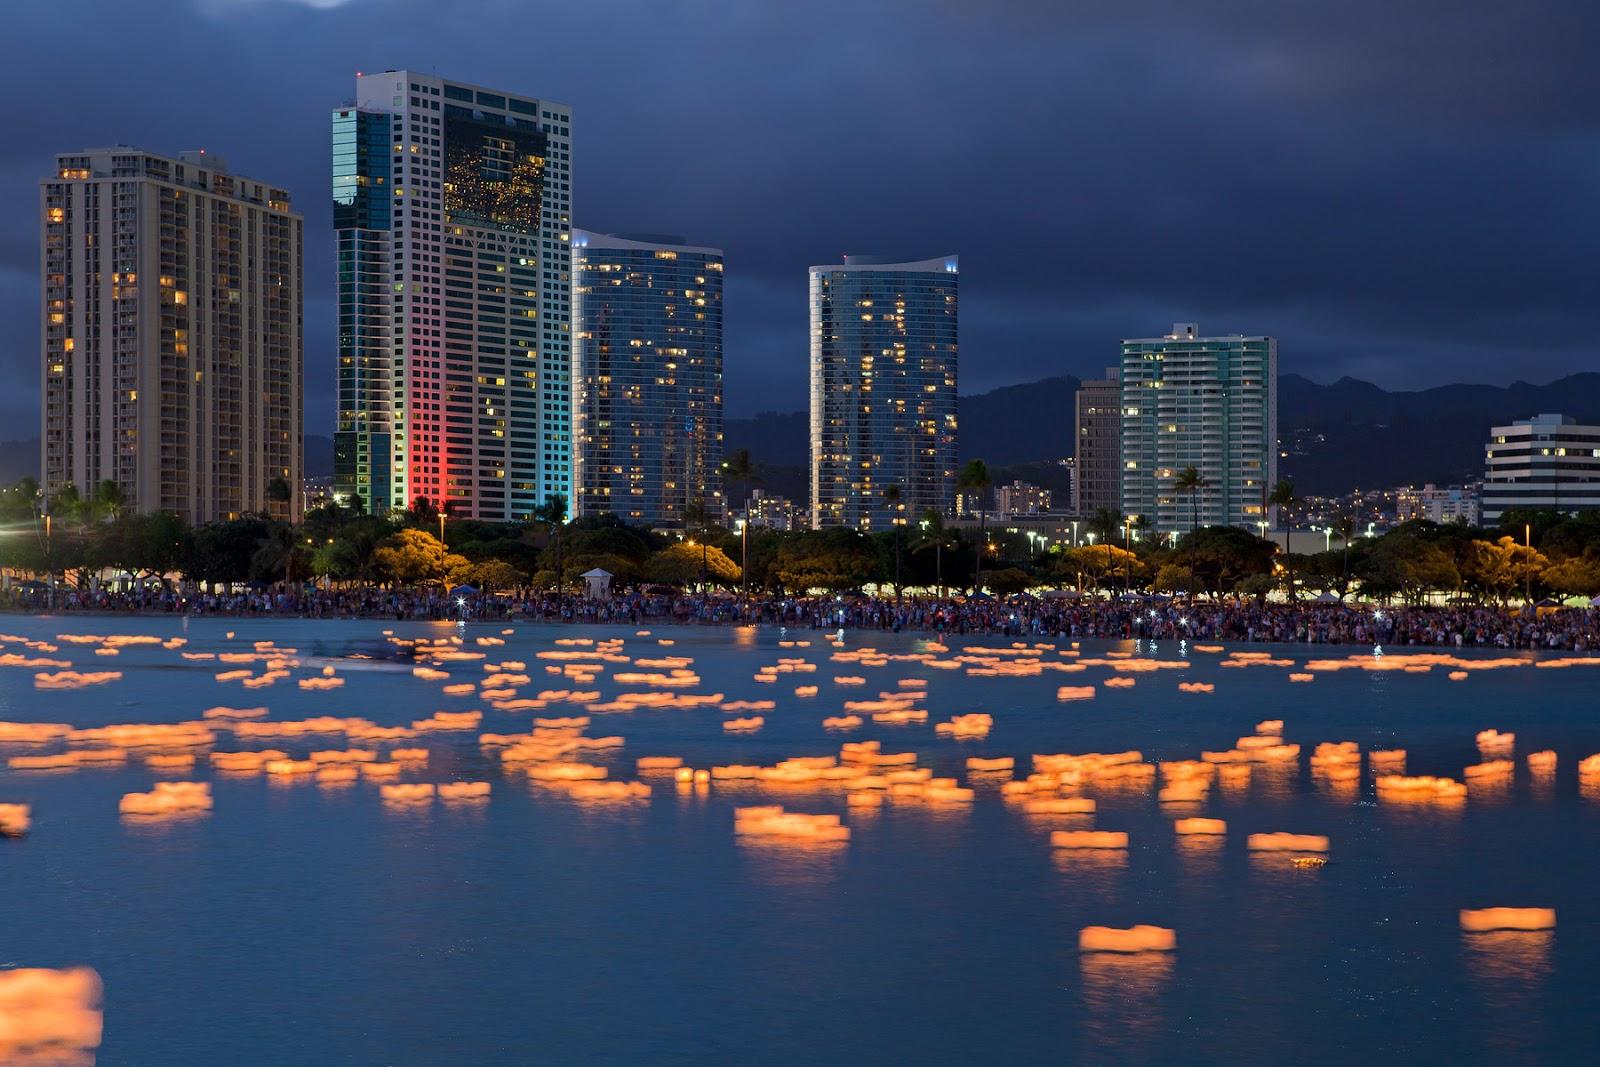 http://1.bp.blogspot.com/-EaR4UHAOjPE/UQNrCdjIMdI/AAAAAAAAPTk/JbItH3g3i7s/s1600/Floating+Lanterns,+Honolulu,+Hawaii+20.jpg